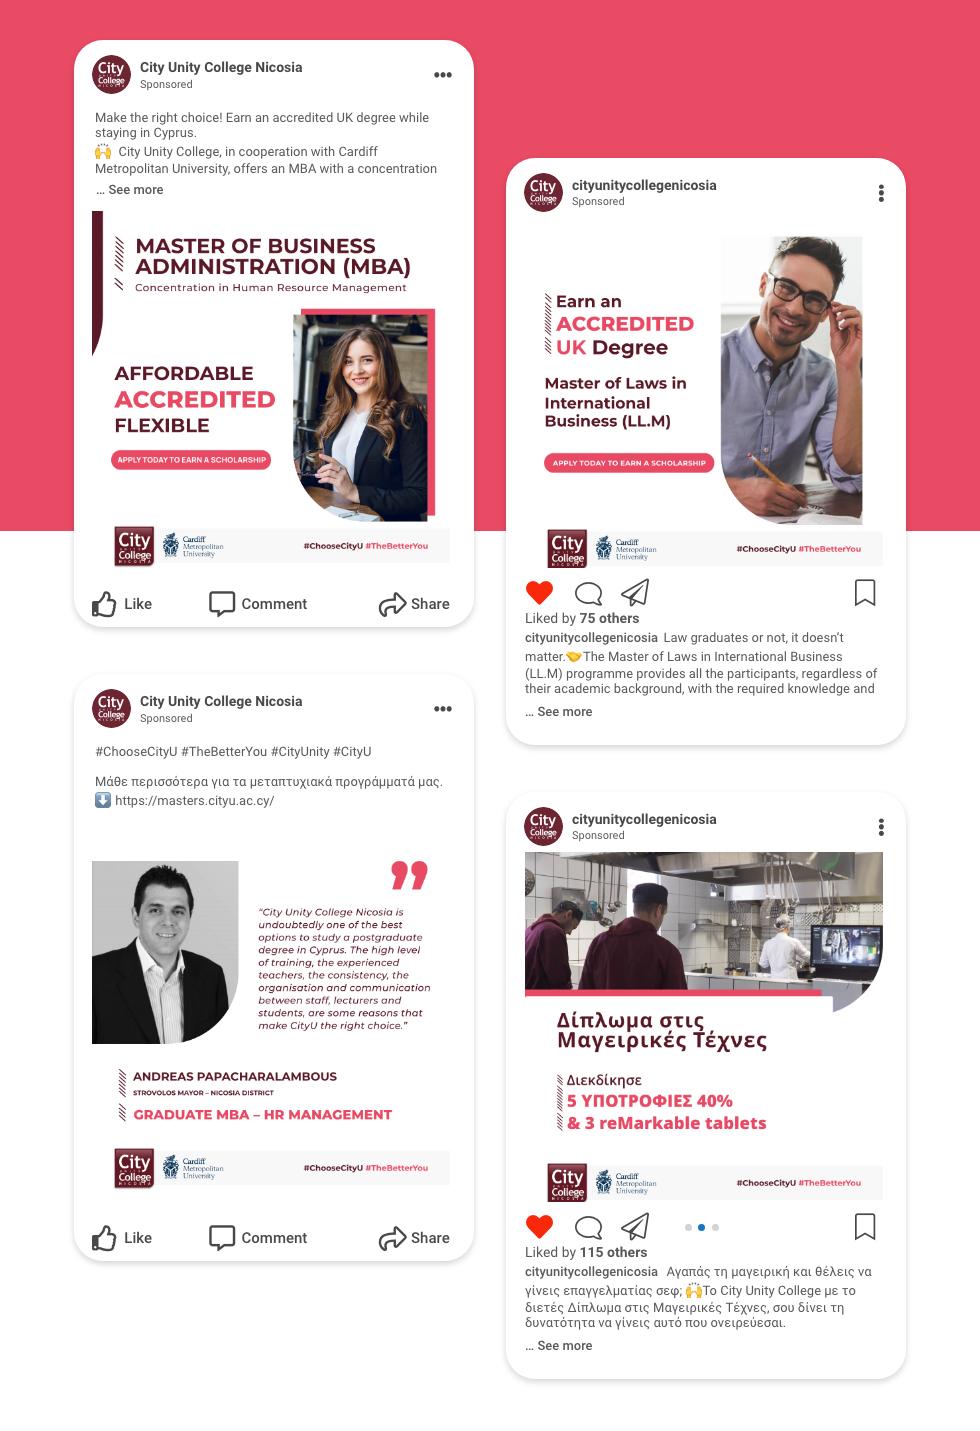 Dp-web continent-CityU–Social Media Management